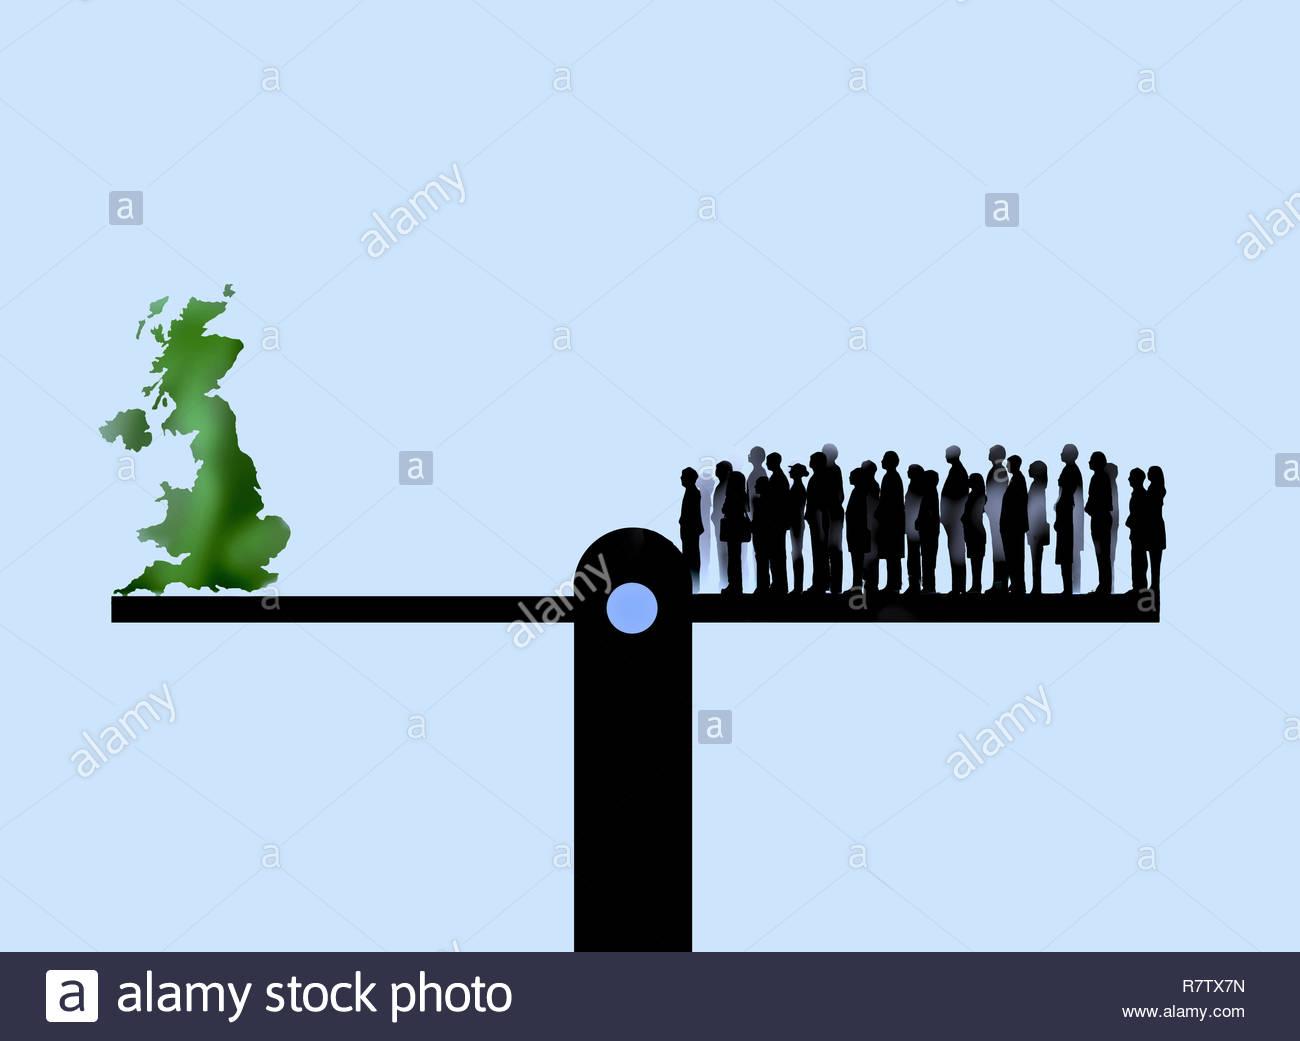 Un folto gruppo di persone e il Regno Unito su lati opposti di altalena Immagini Stock